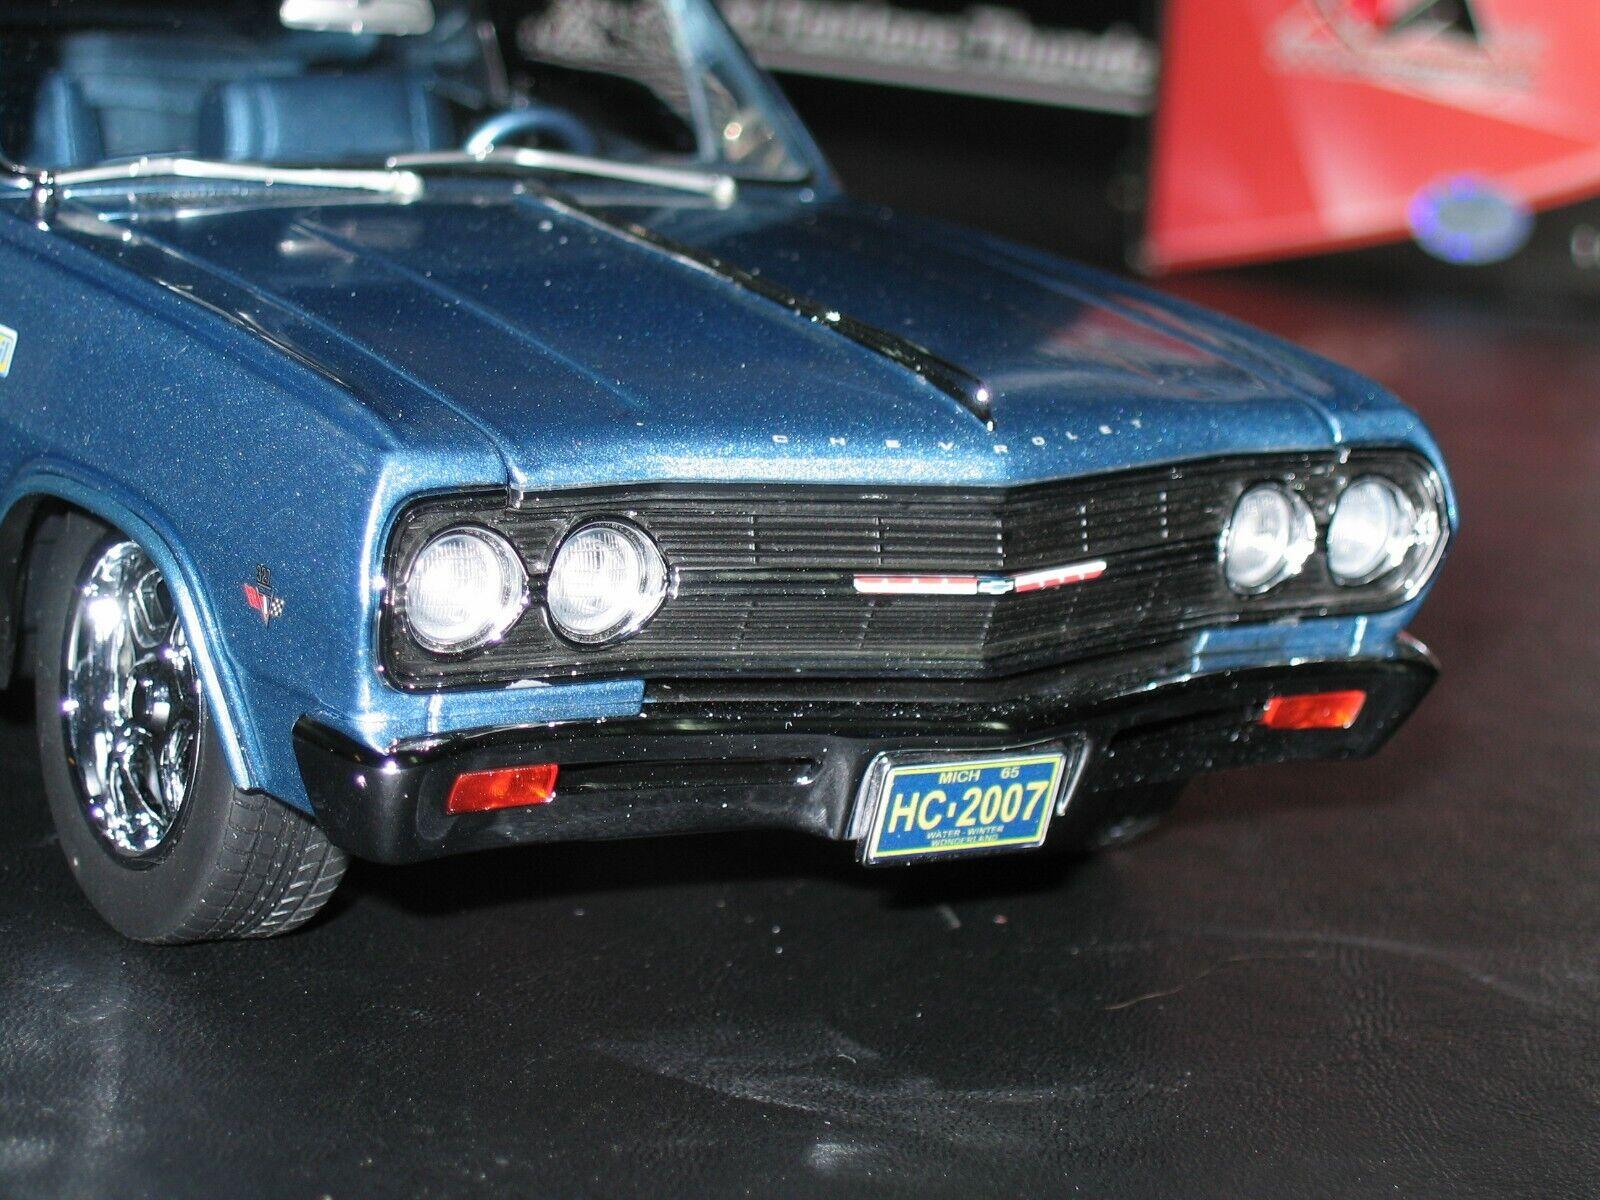 Venta en línea precio bajo descuento Lane Exact Detail Motor Estado Holiday Edition 1965 Malibu Ss Ss Ss 327 en escala 1 18.  100% precio garantizado